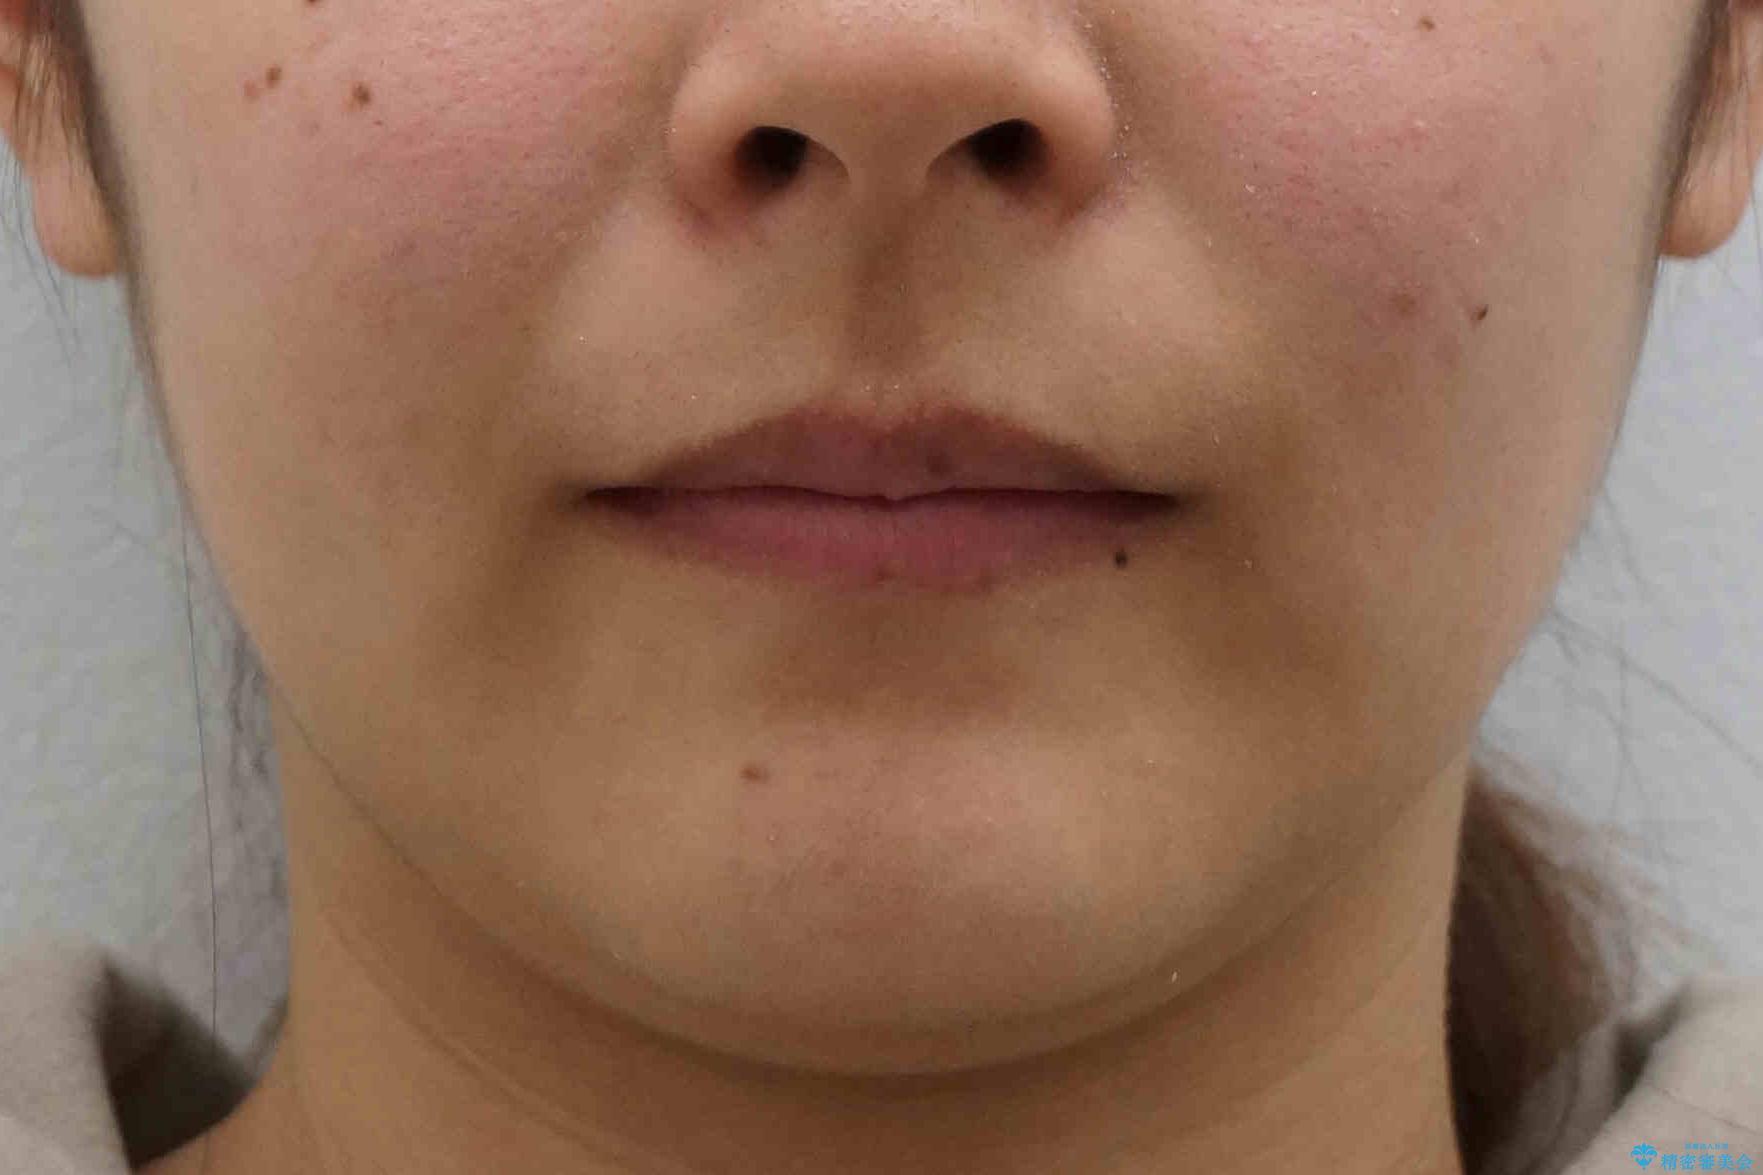 前歯のがたがた 前歯が内側に傾いているの治療後(顔貌)